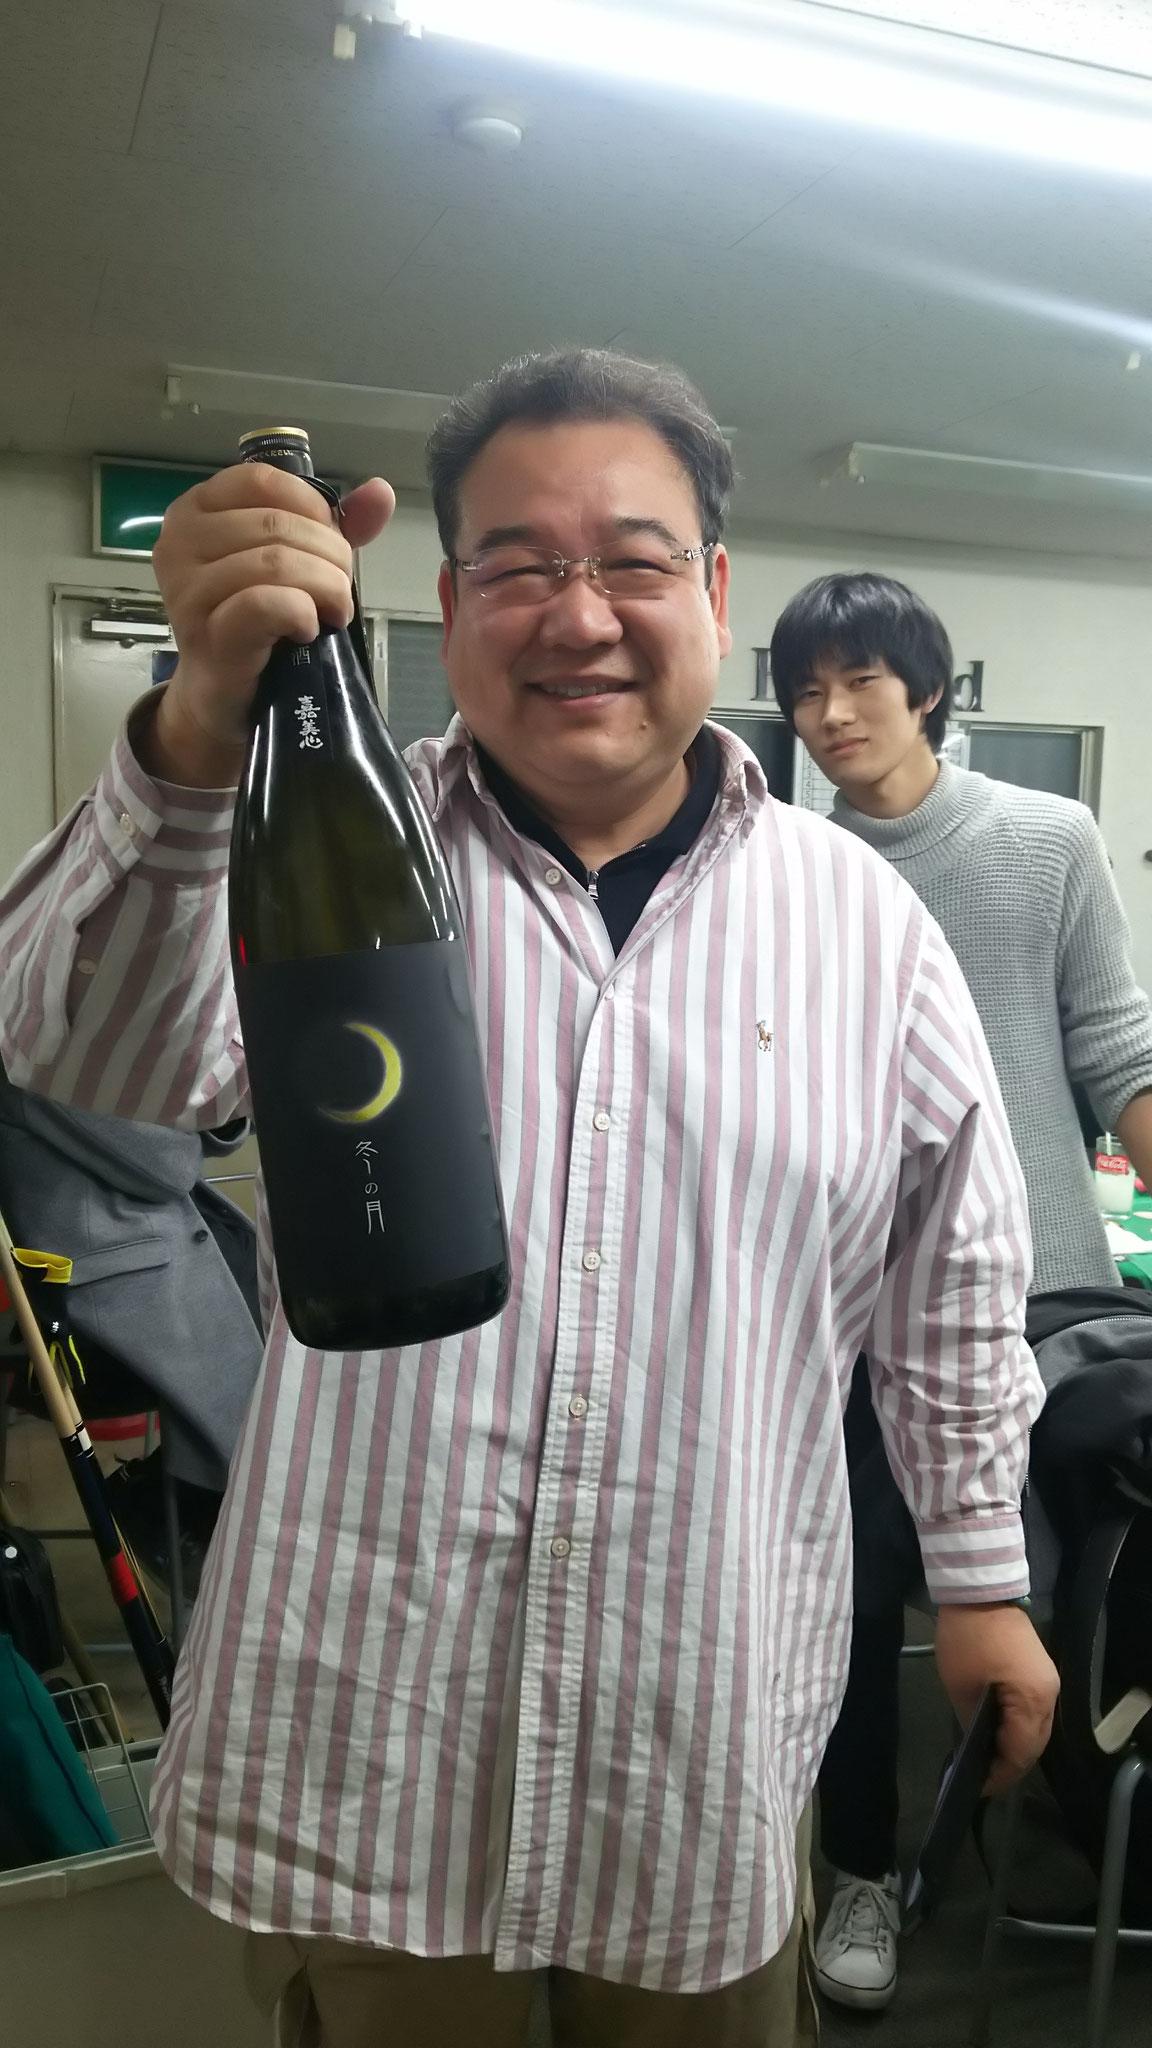 𠮷村さん、今回のは今までで一番美味しいお酒でしたね。